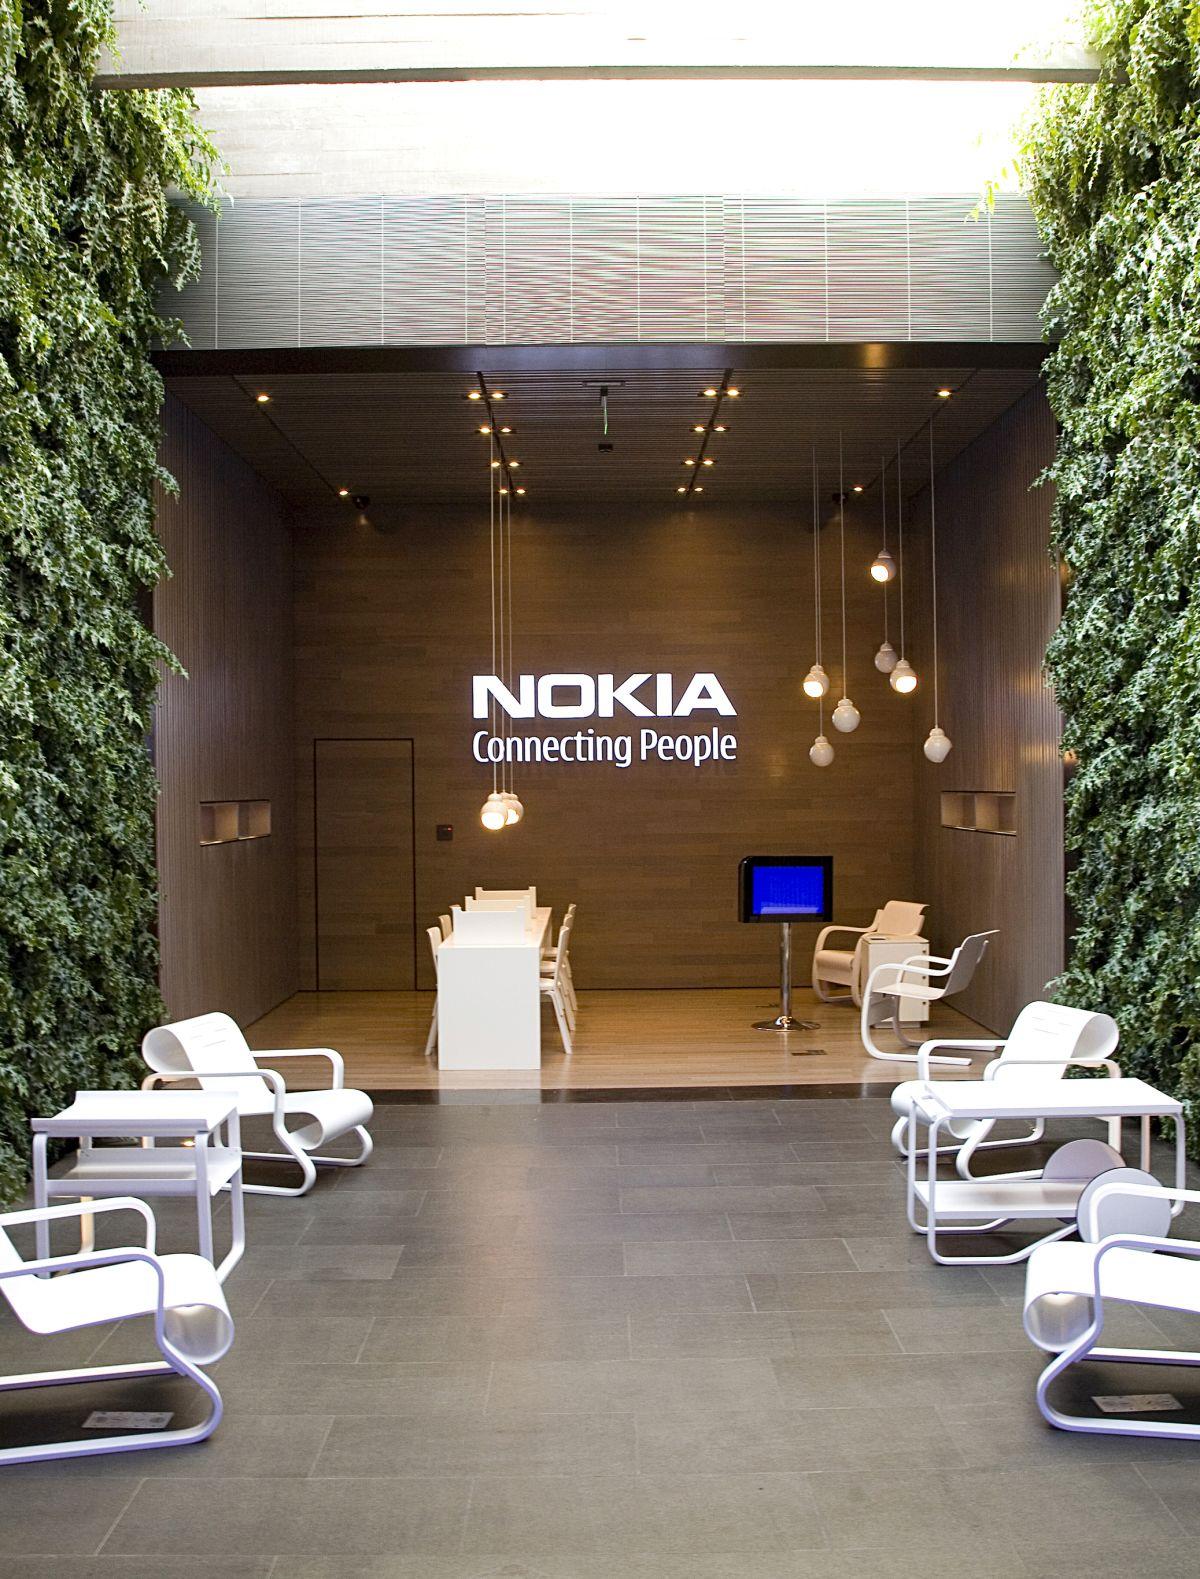 Nokia_store_Sao Paulo_01